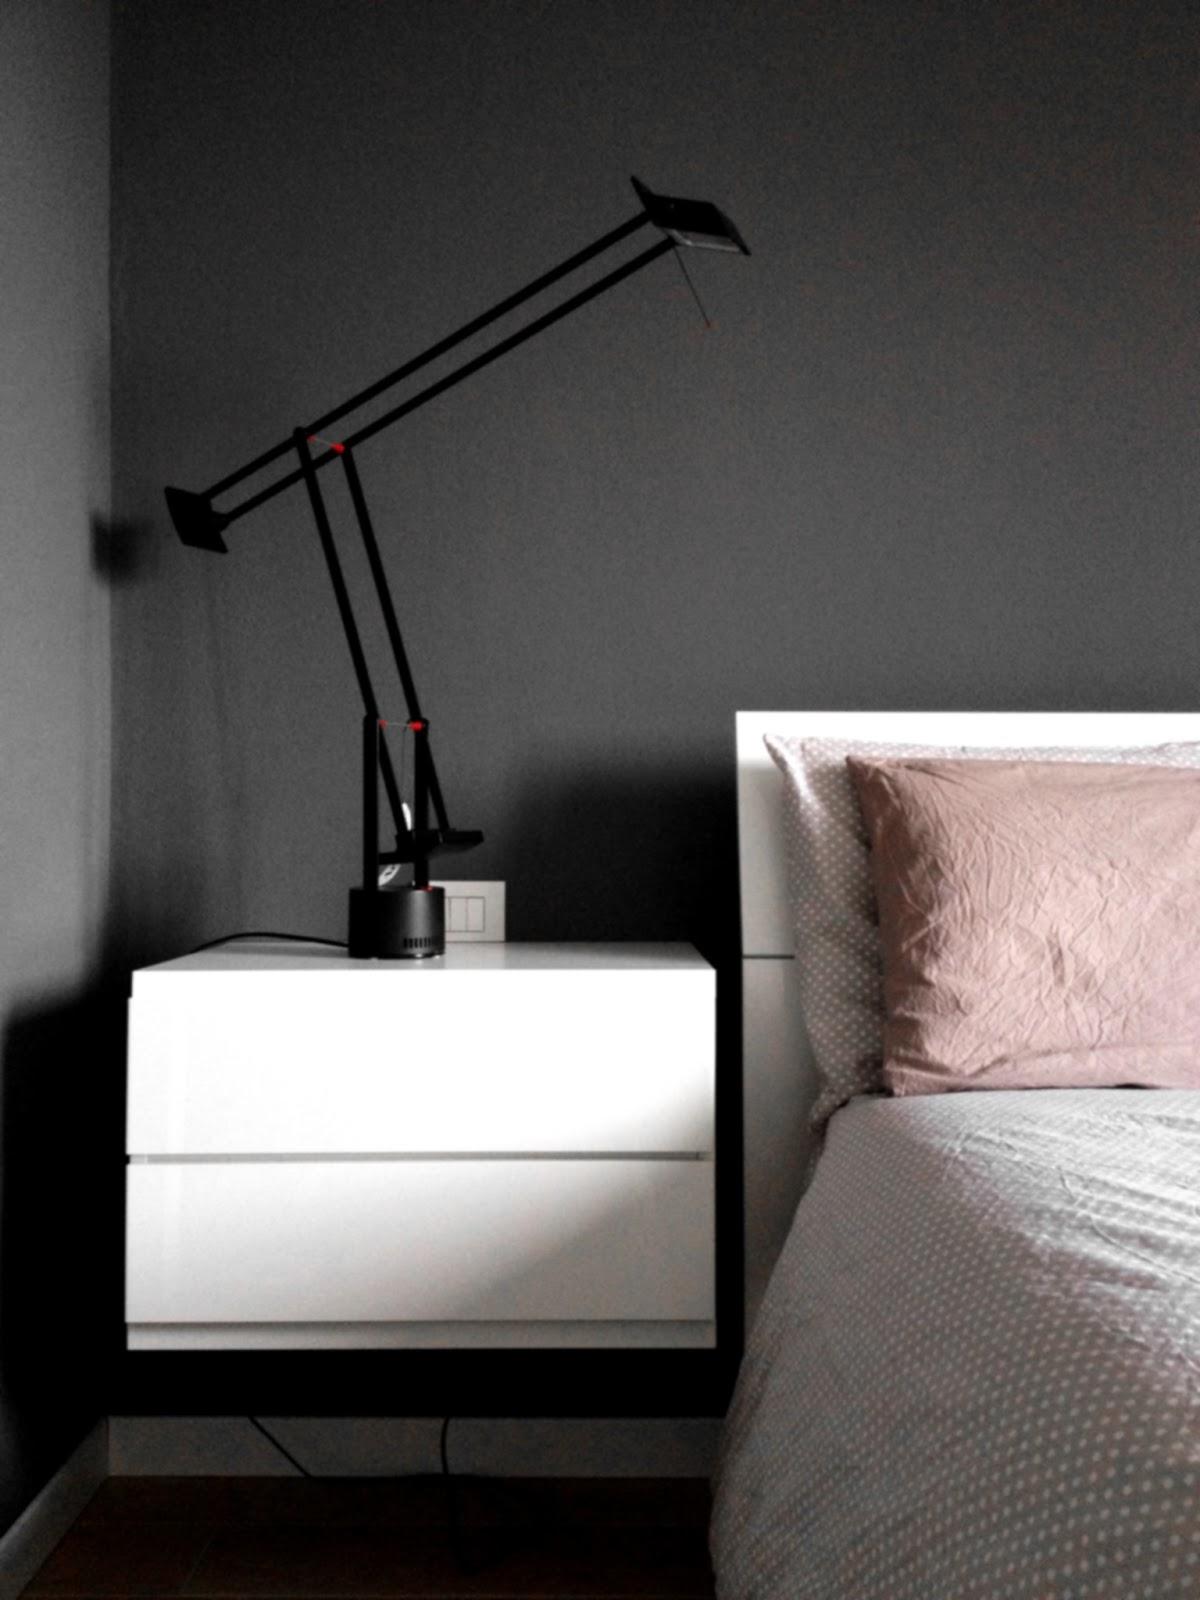 Mattoncini in pietra leccese per camino - Ikea letto a baldacchino ...